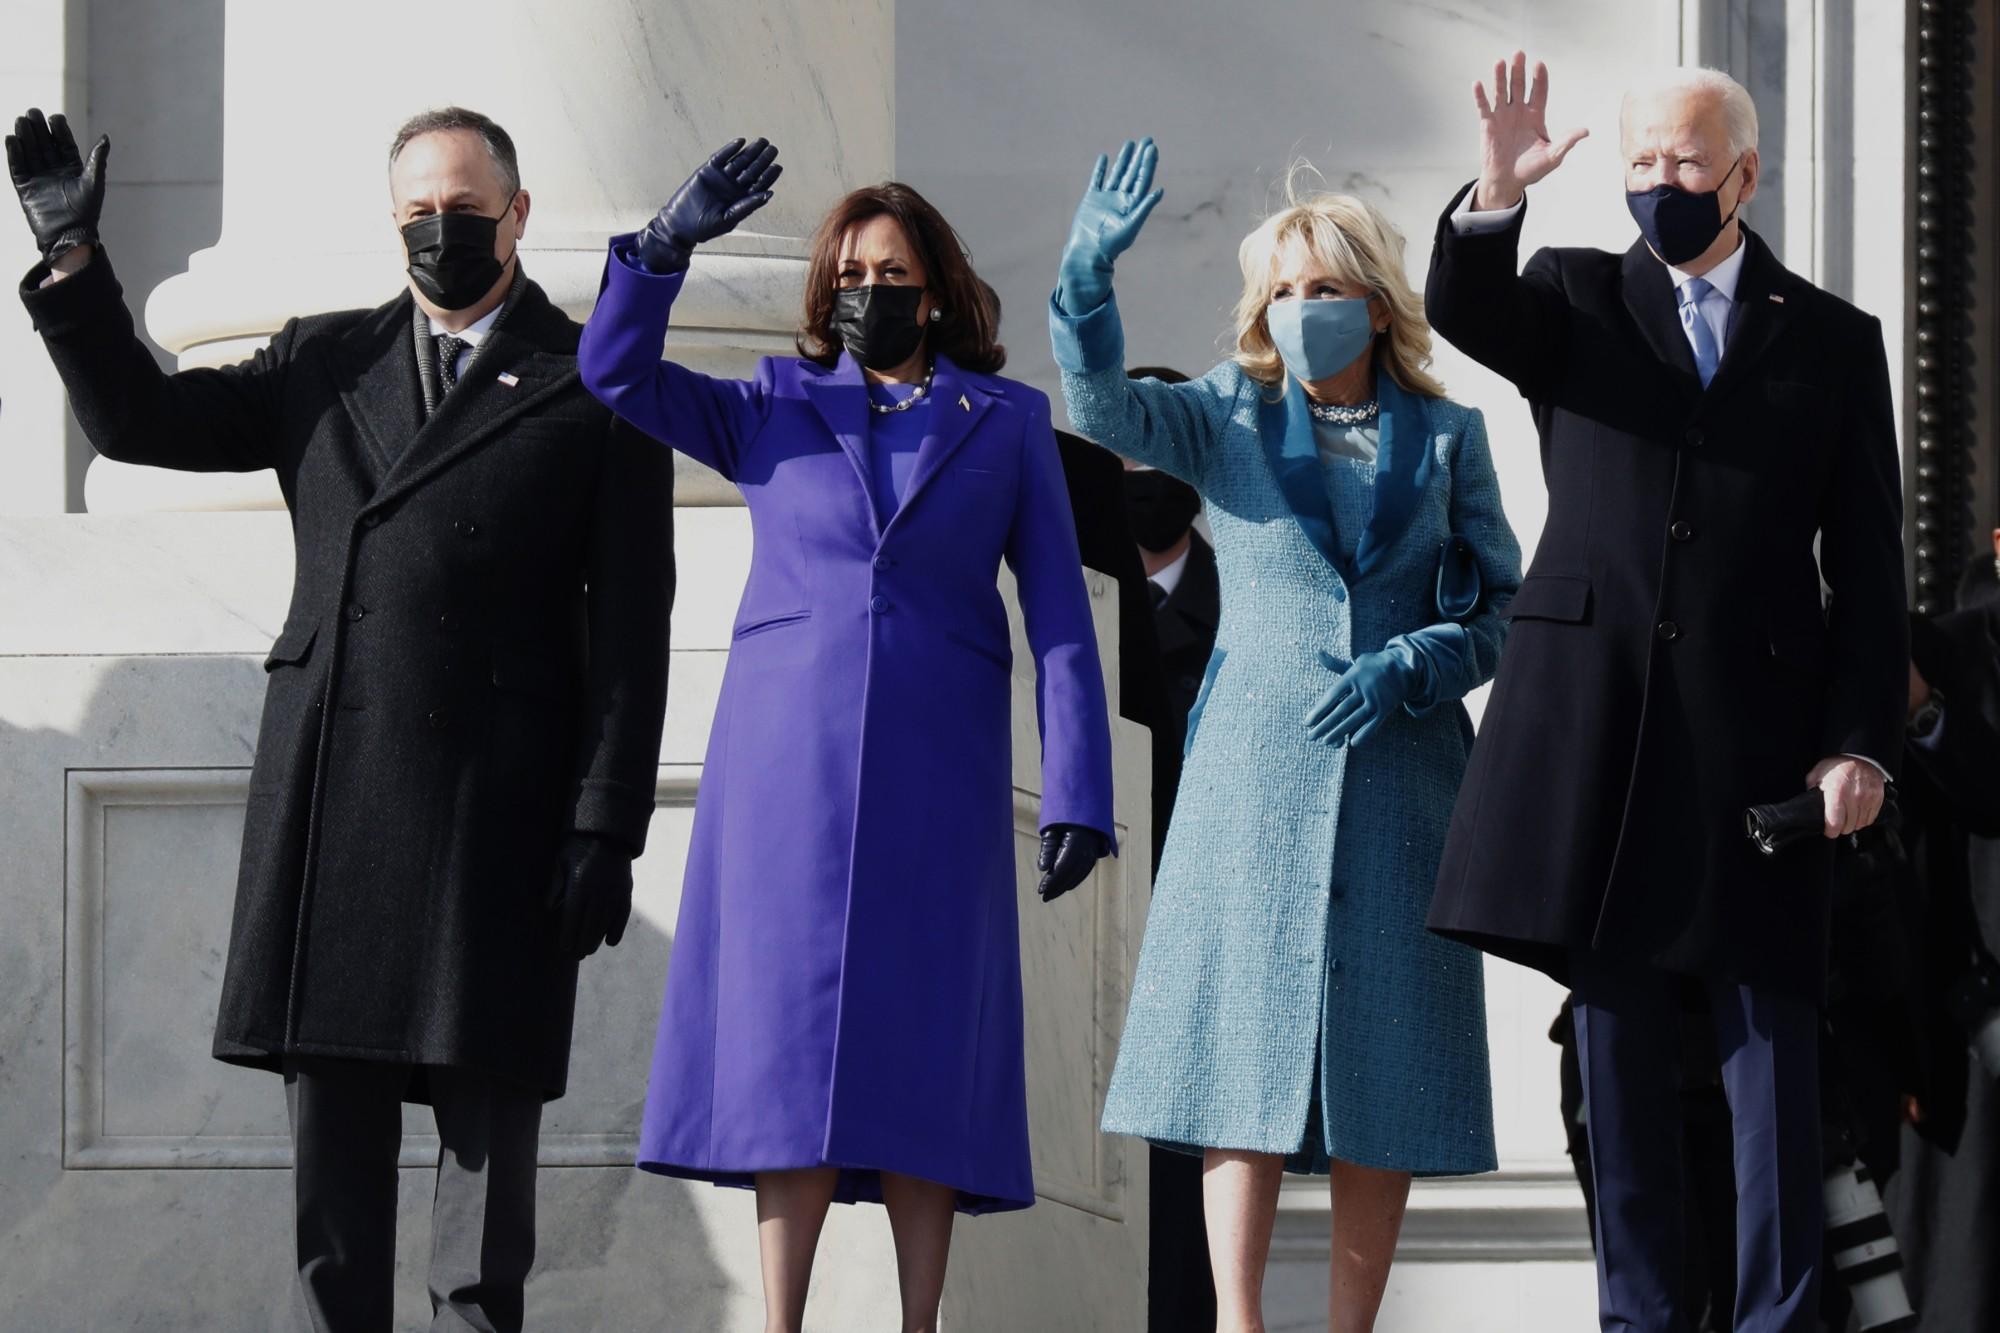 Joe Biden sworn is as 46th US president alongside Kamala Harris as vice president